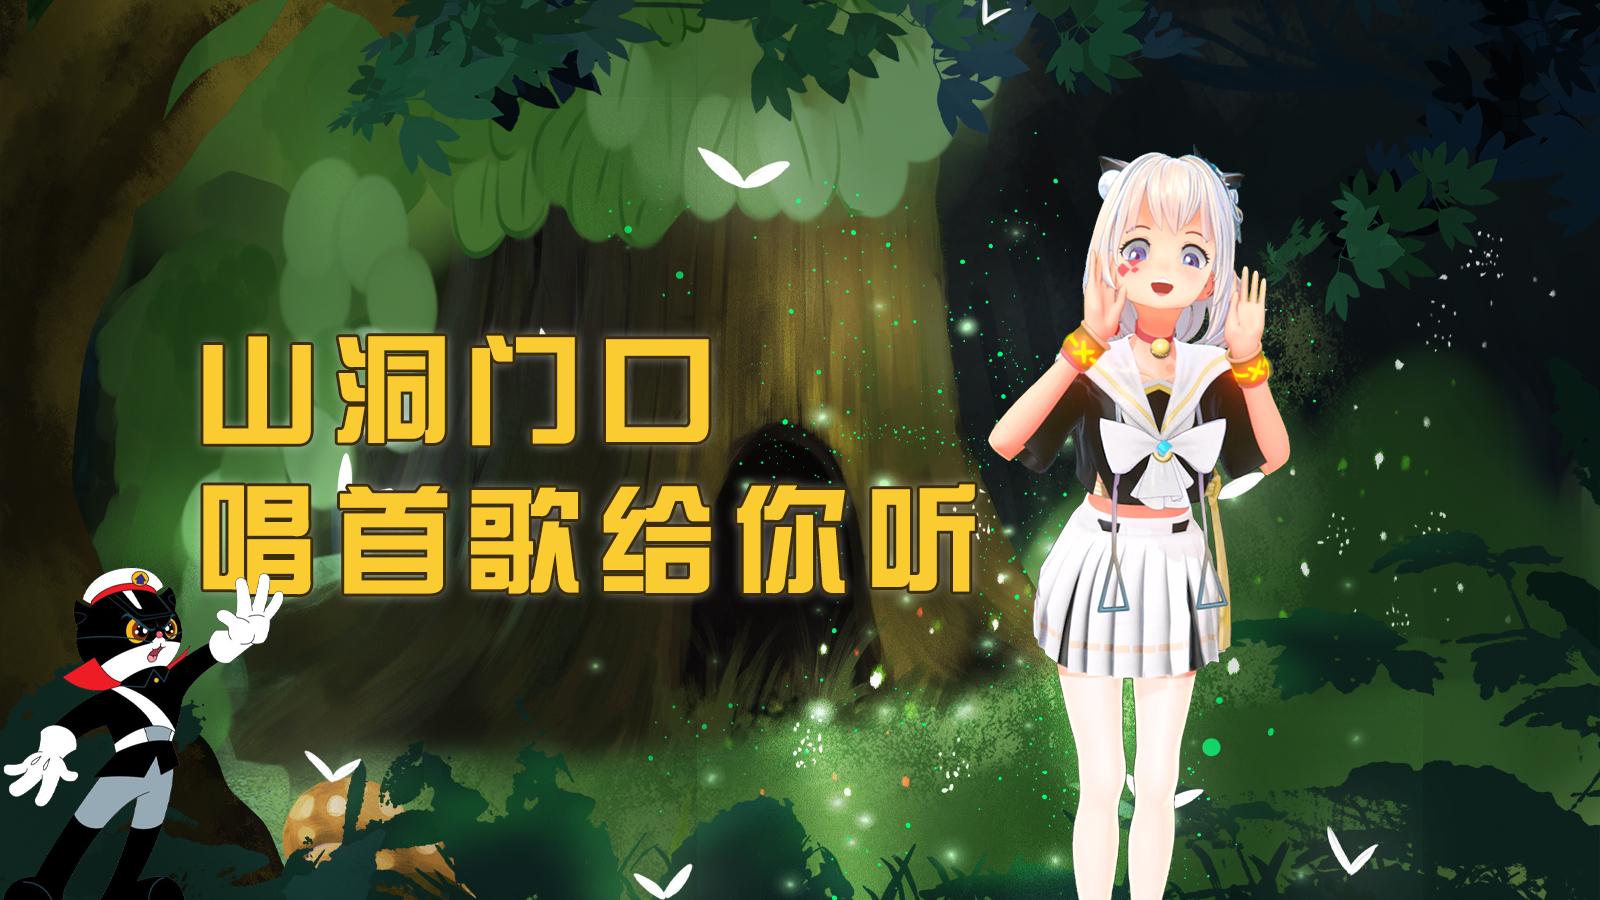 【小啾】在山洞门口随口唱唱儿歌(1)是黑猫警长哒!